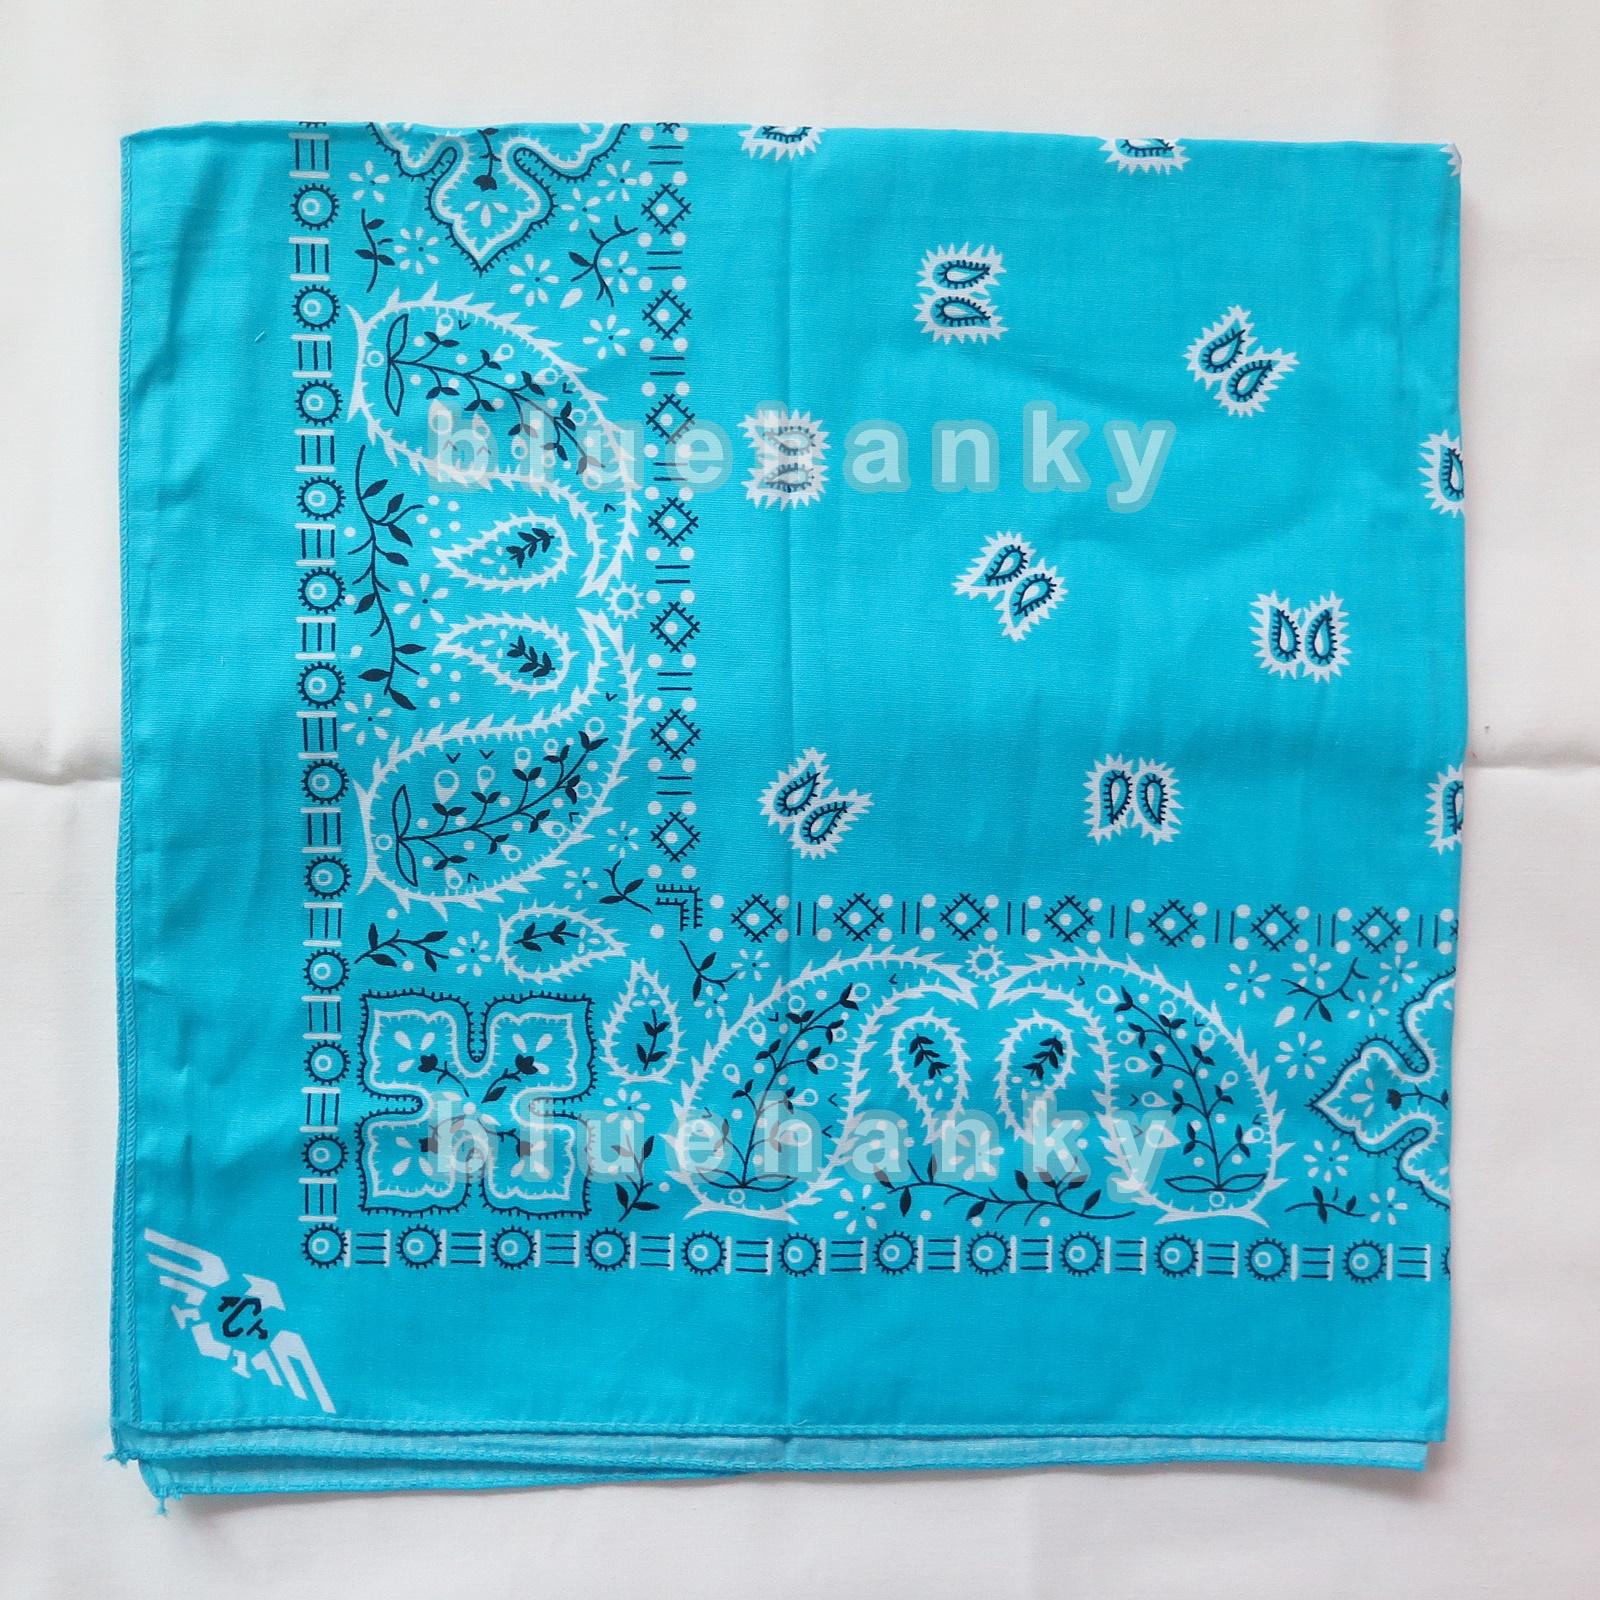 ผ้าพันคอBandannasไซส์บิ๊ก 28นิ้ว สีฟ้าสว่าง